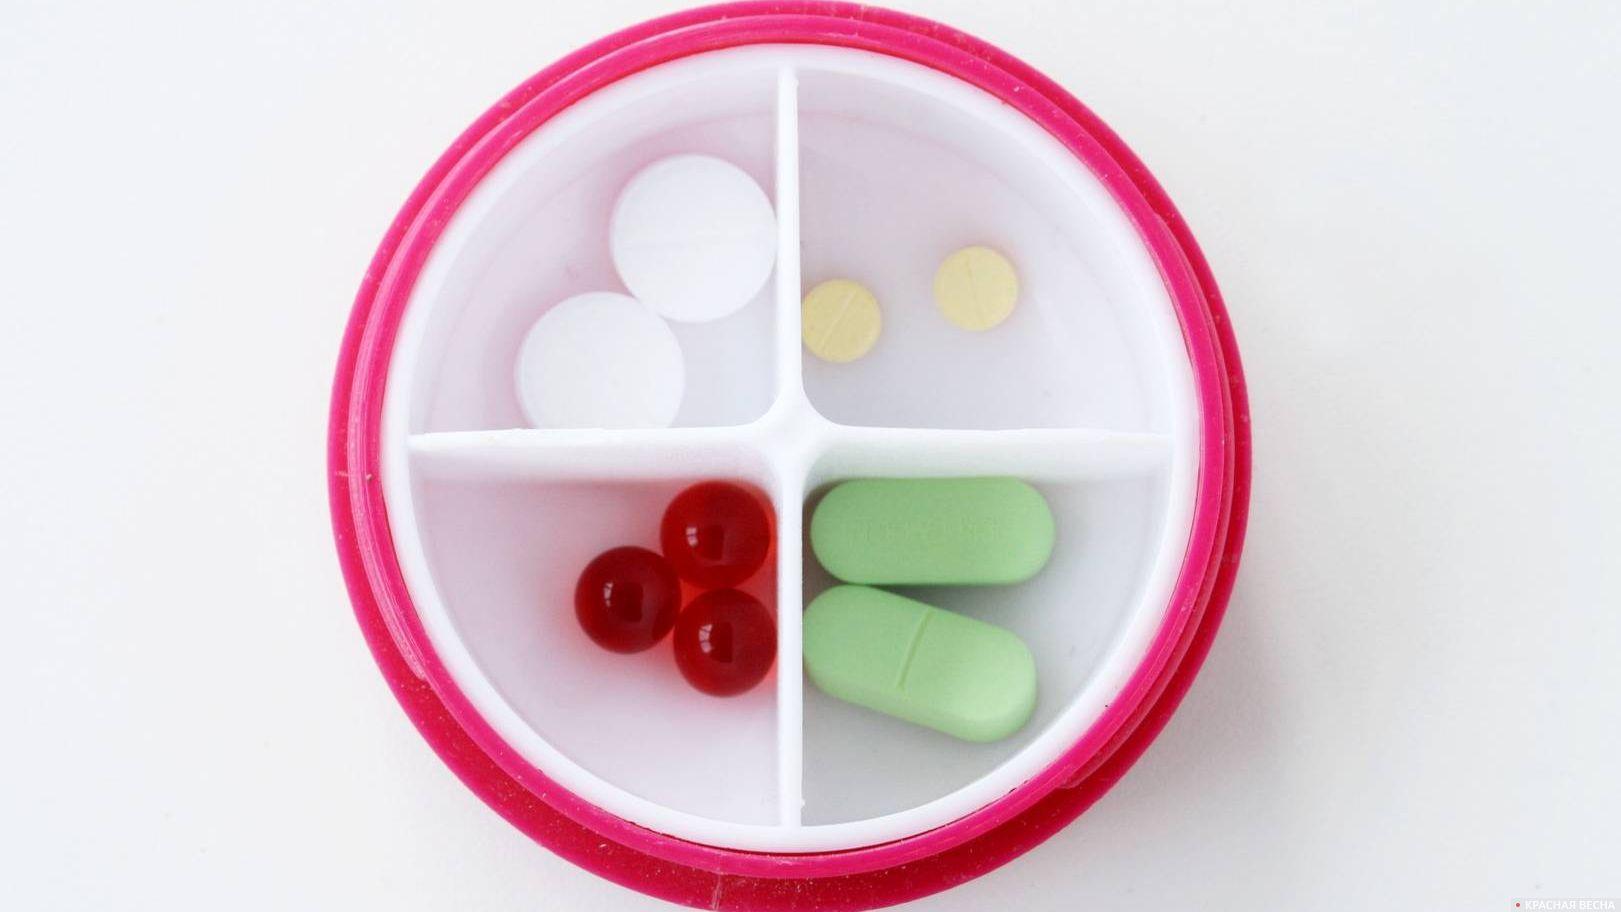 Новые лекарства от рака 2019 новые фото